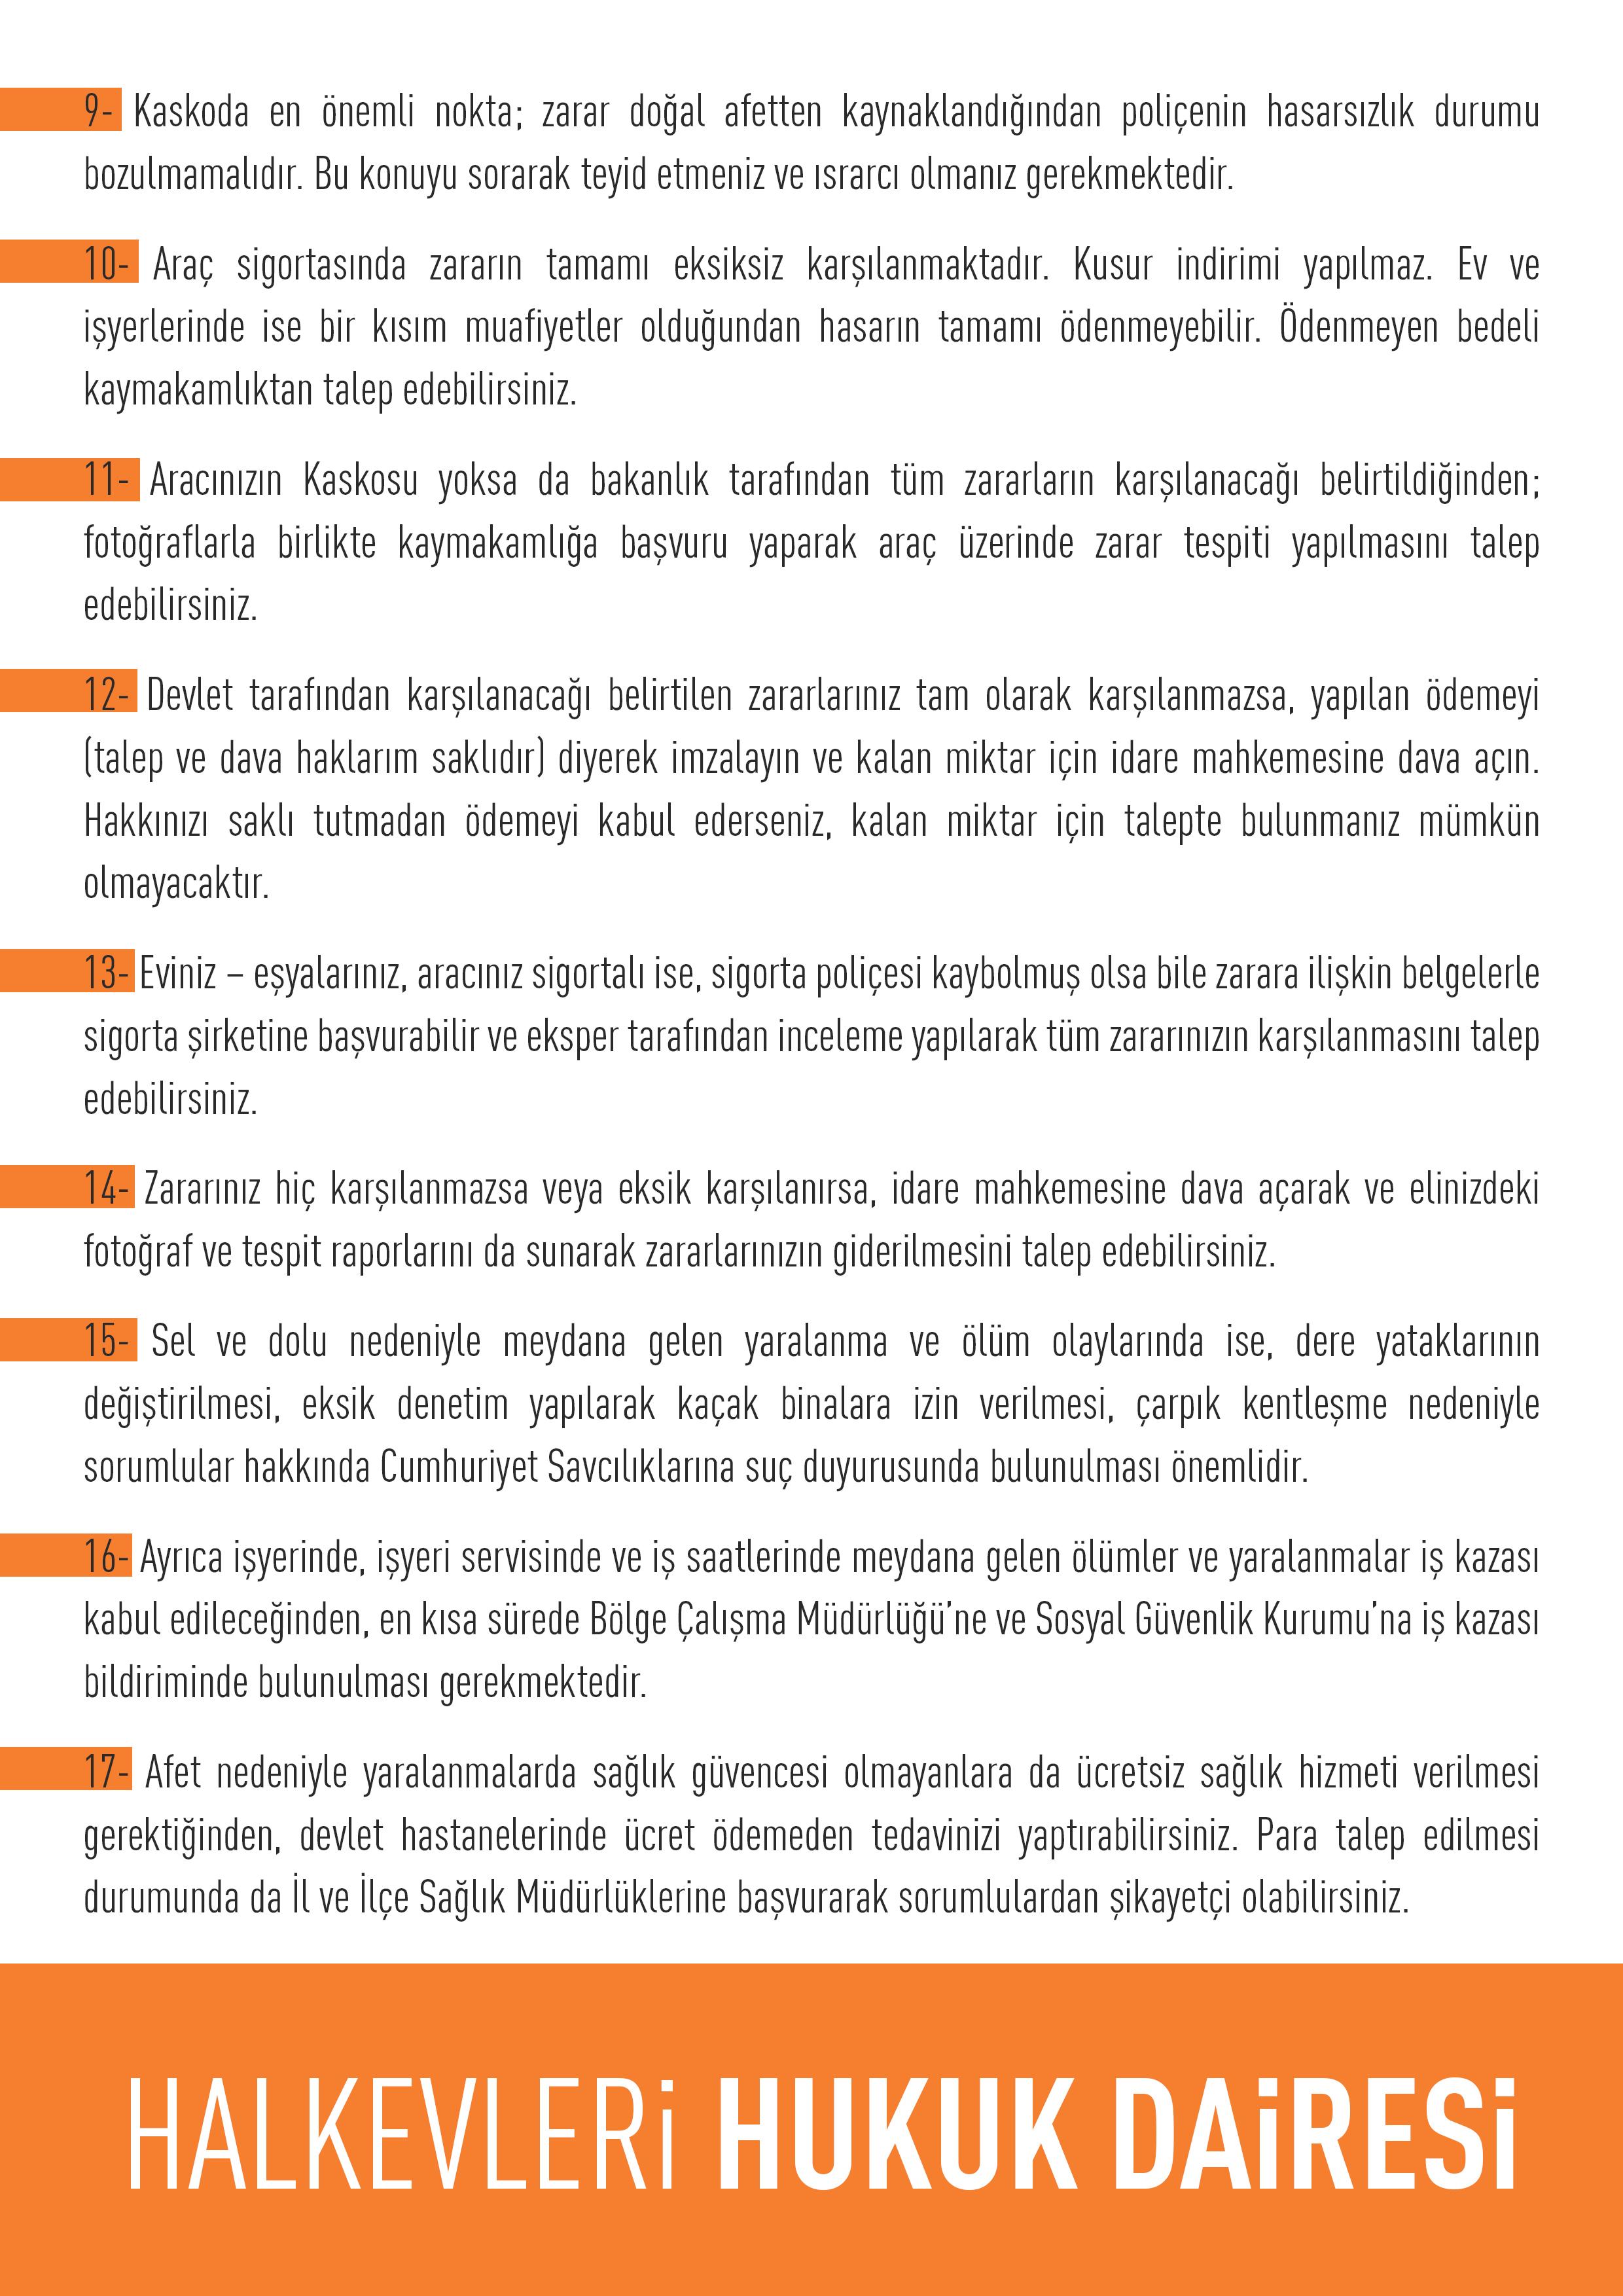 HHD-SEL YAPILMASI GEREKENLER-2